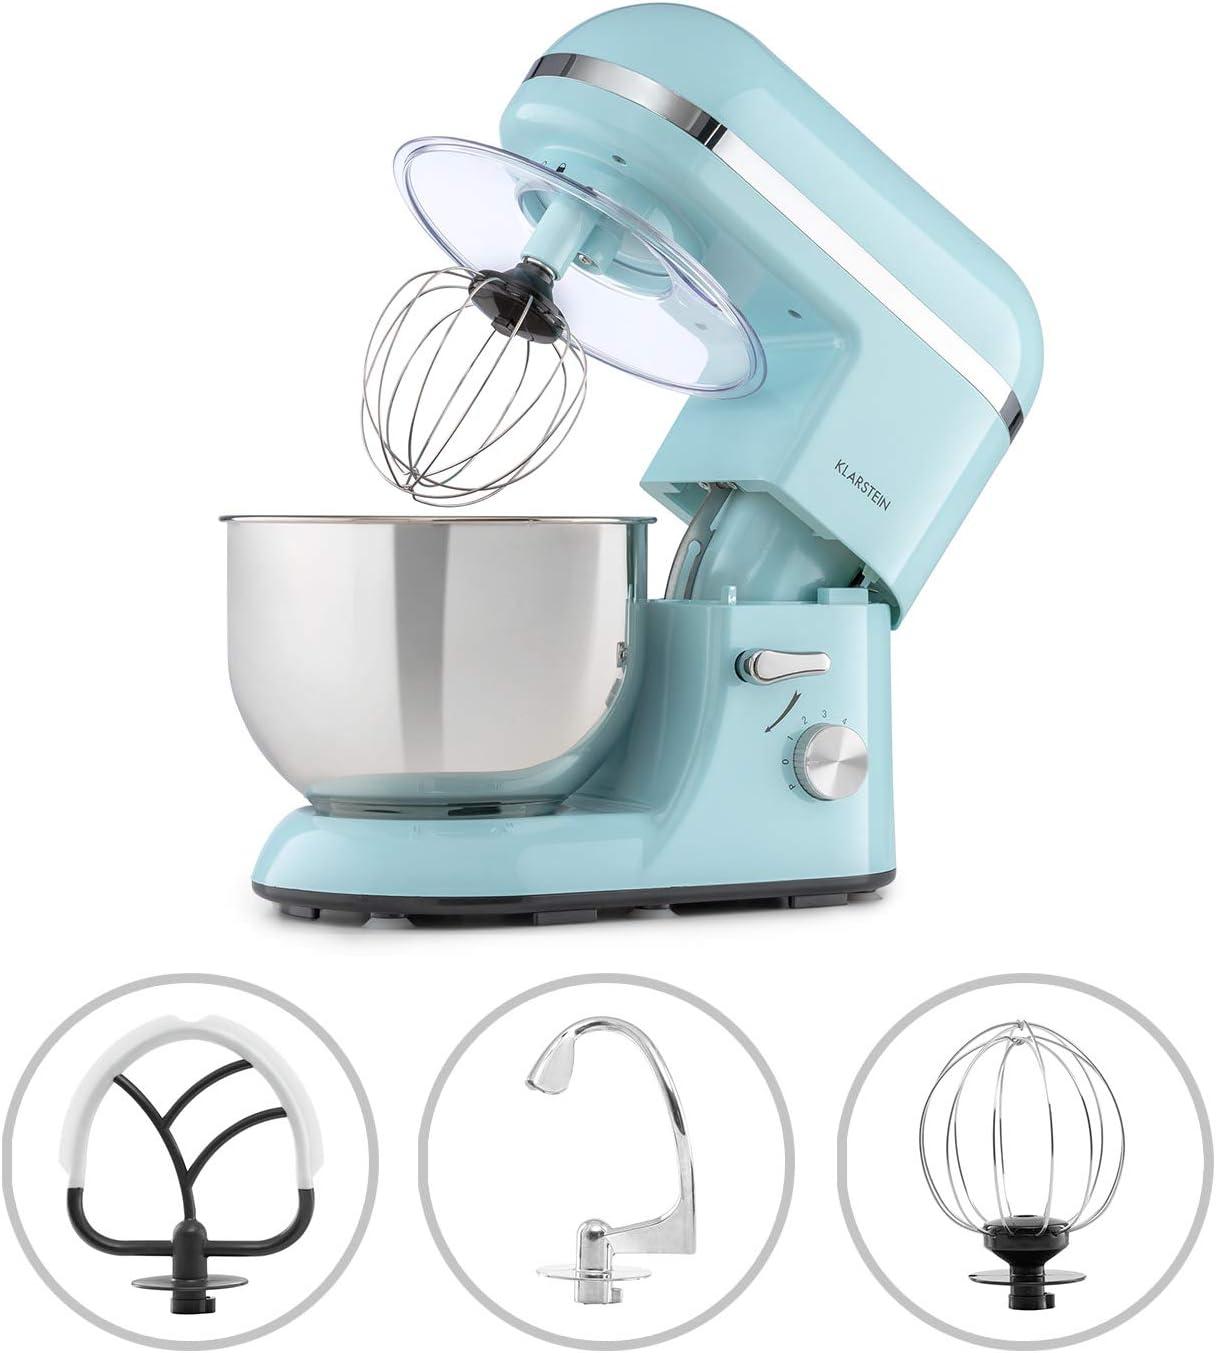 Klarstein Bella Elegance - Robot de cocina, Potencia 1300W/1,7PS, 6 niveles, Función pulso, Sistema de amasado planetario, 5 L, Cuenco acero inoxidable, Inclinación, Bloqueo de seguridad, Azul